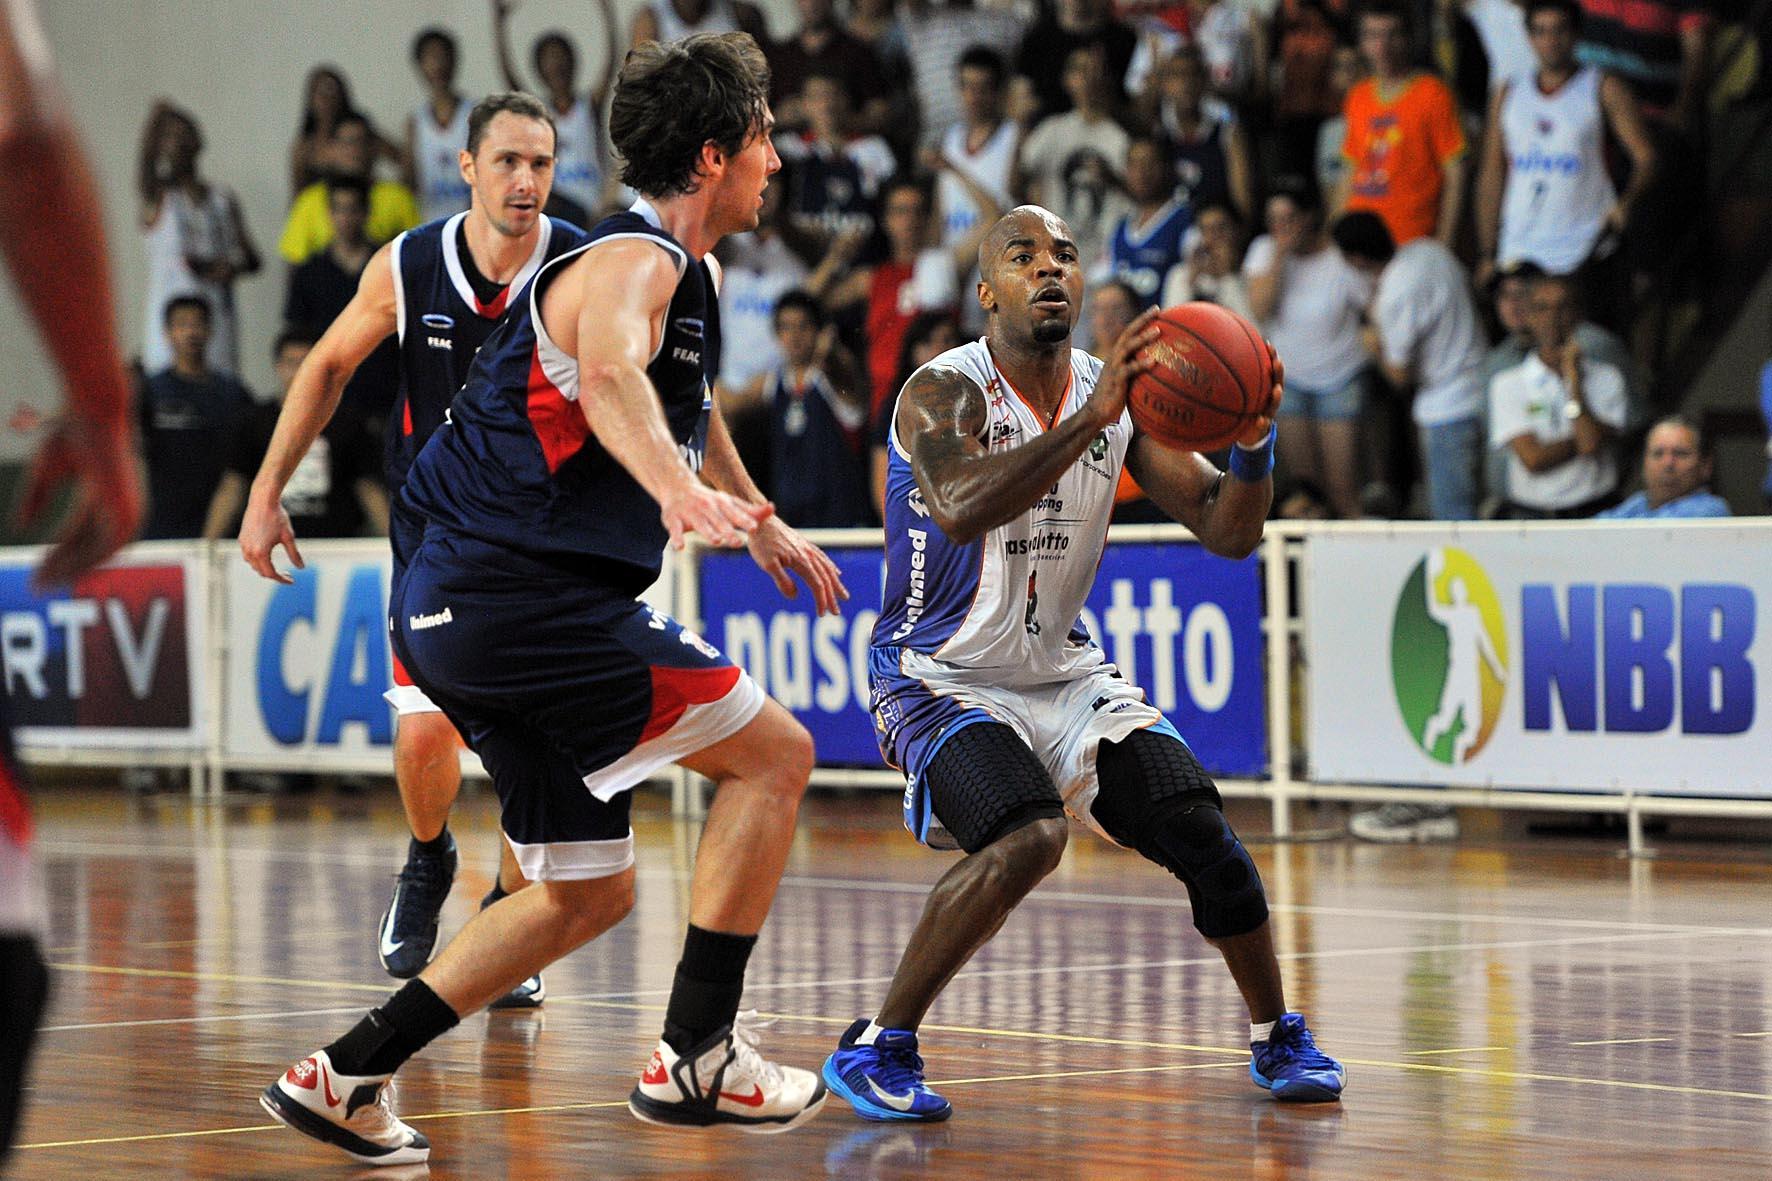 Larry Taylor escreveu grande história com a camisa do Bauru entre 2008 e  2016  agora está de volta (Caio Casagrande Bauru Basket) 2f55f589640f2